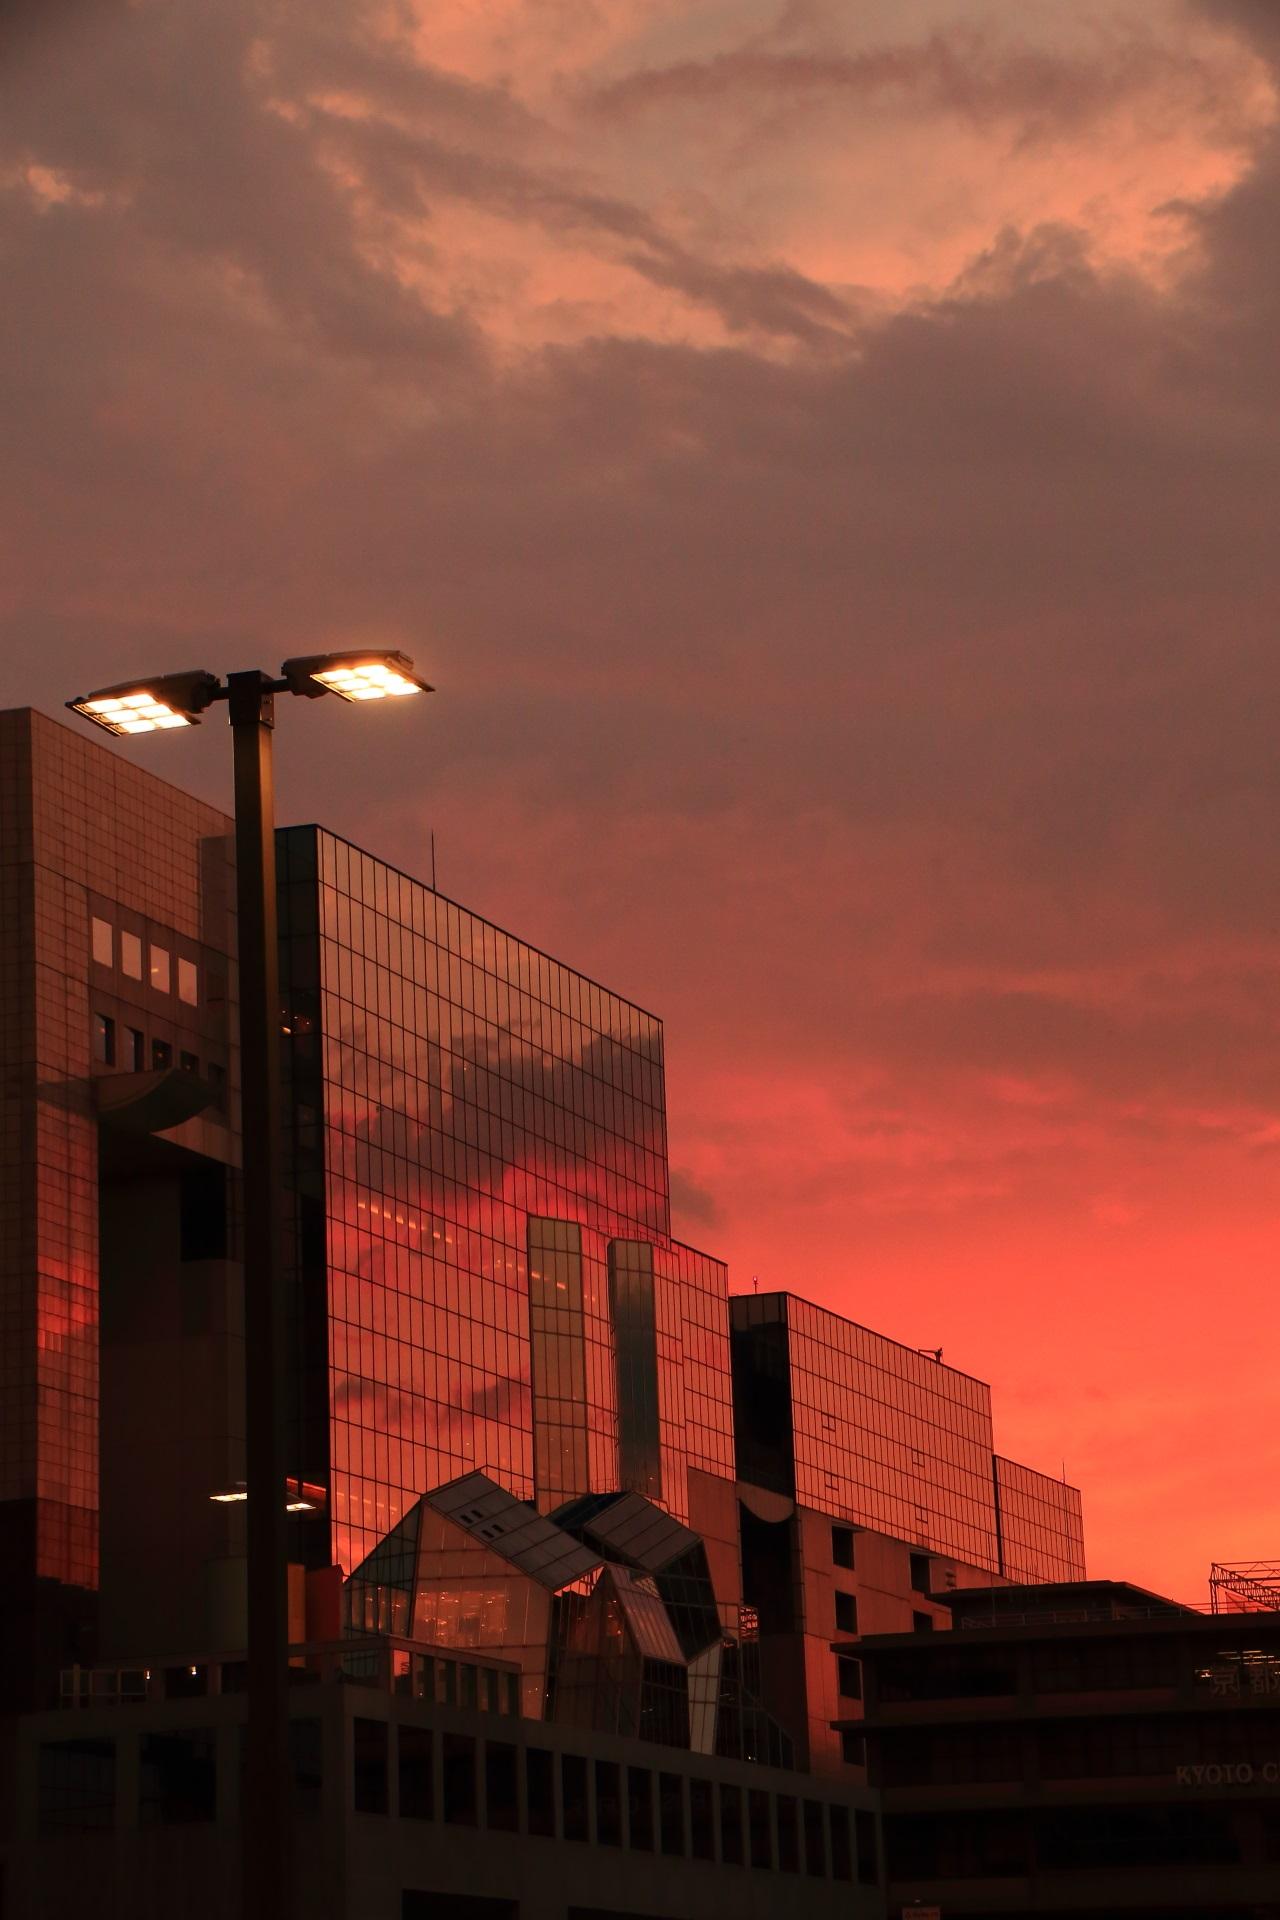 厚い雲と相まって何かが起こりそうな雰囲気さえする京都駅ビルの夕焼空